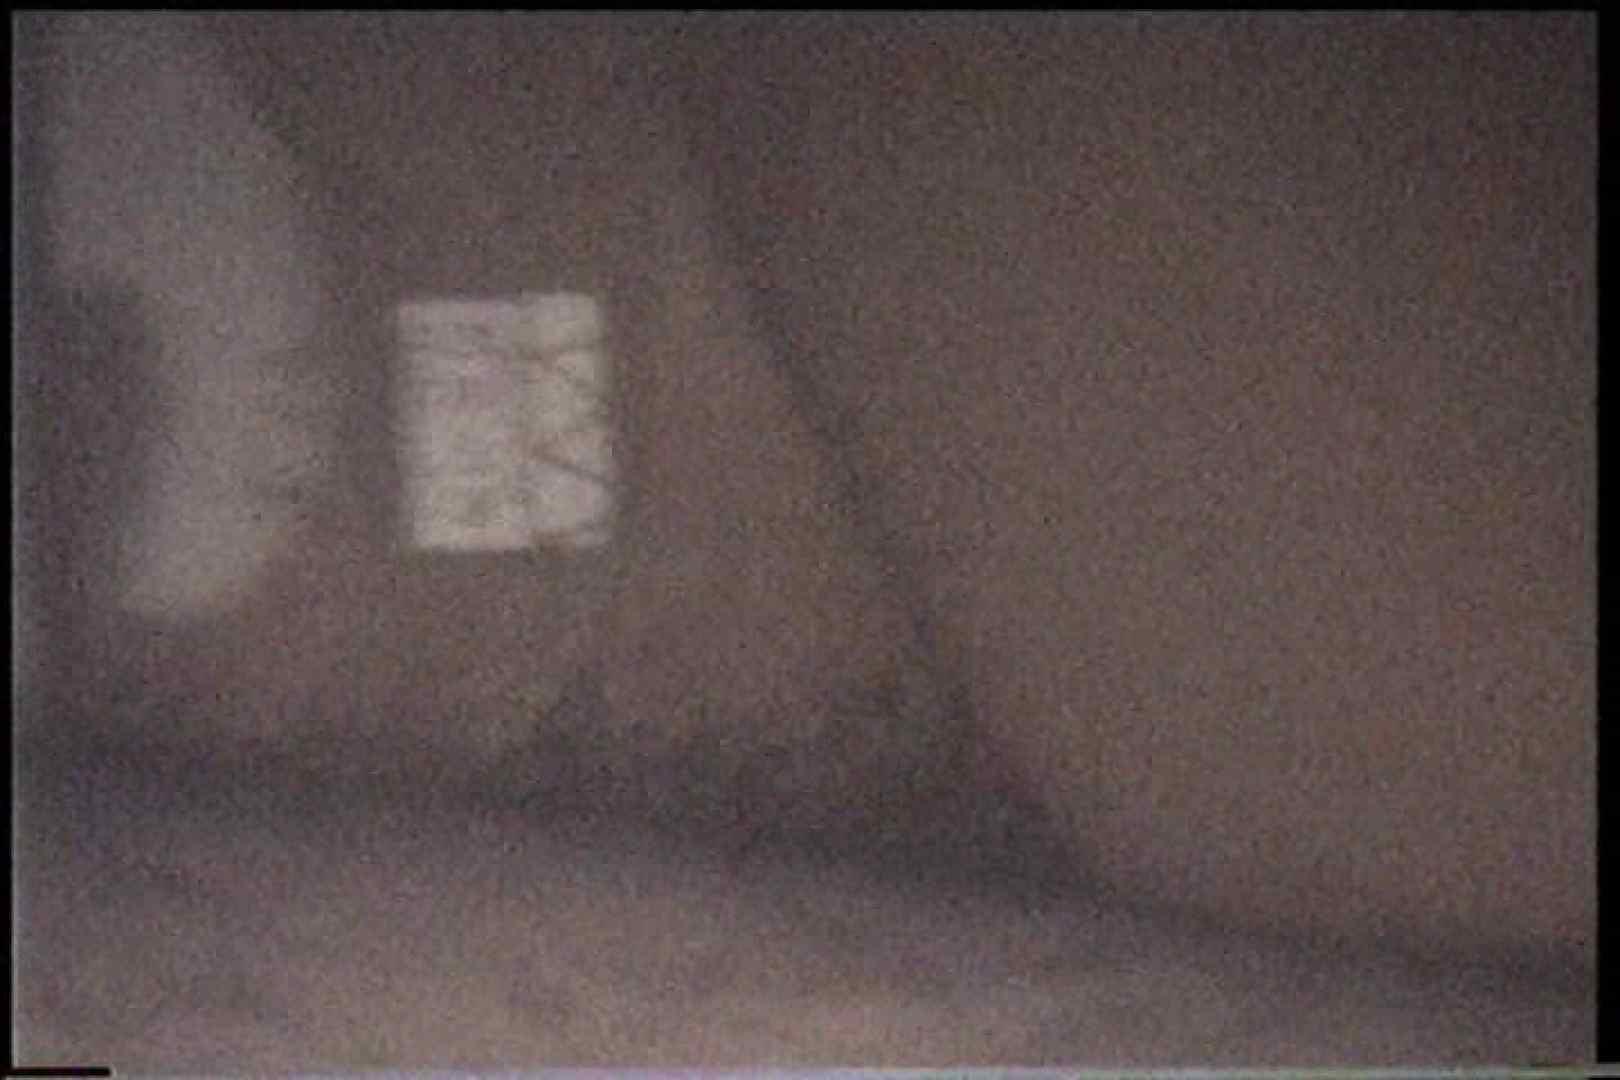 充血監督の深夜の運動会Vol.204 エロティックなOL  59画像 50